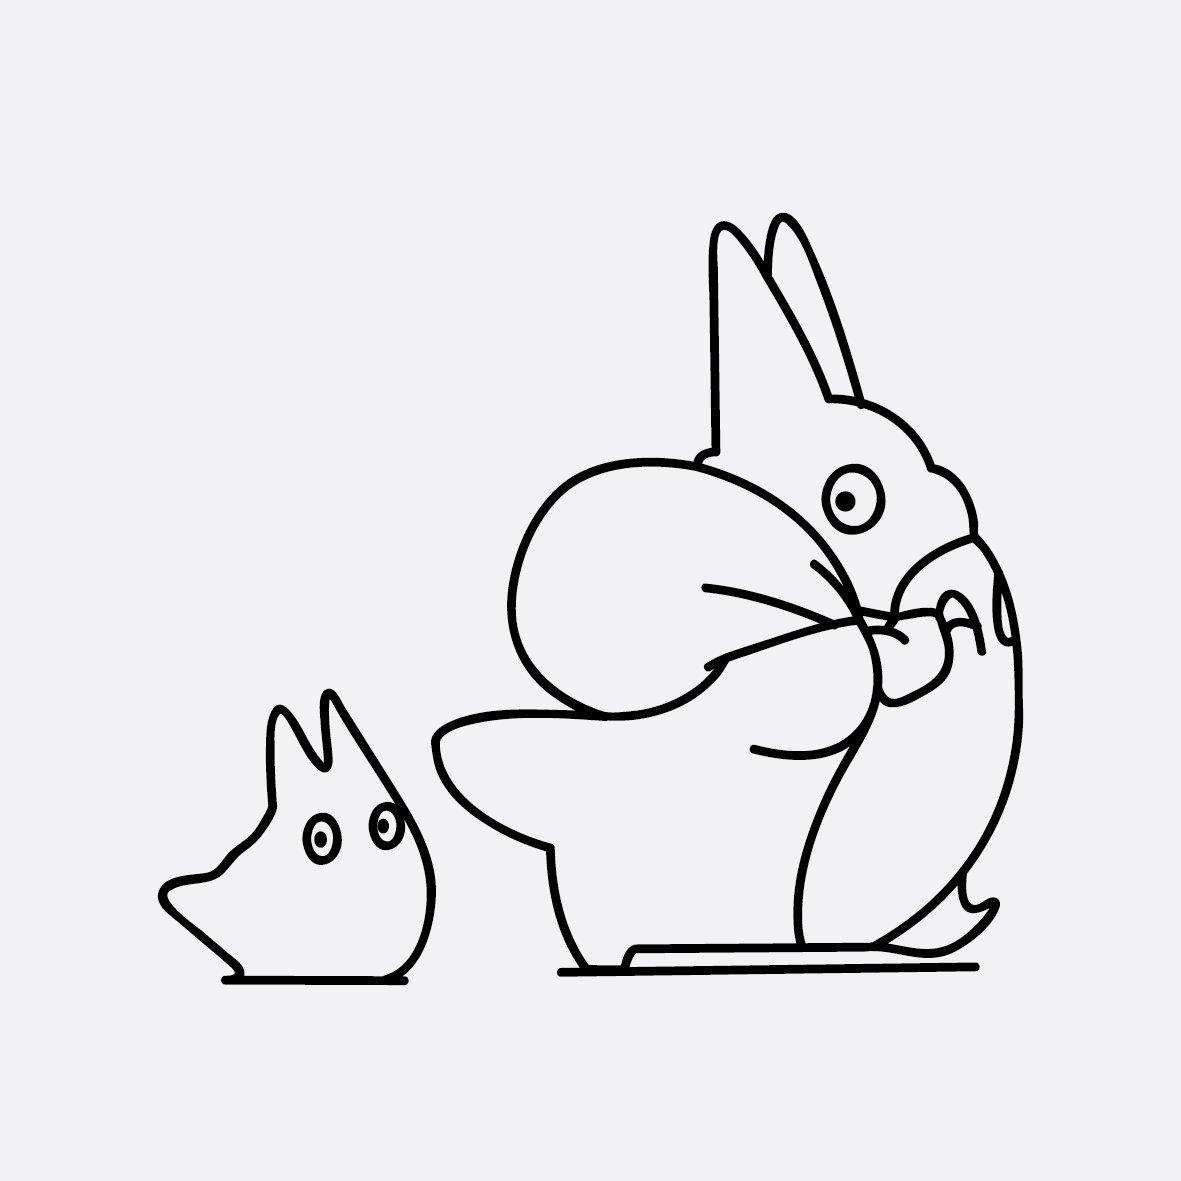 简单龙猫简笔画